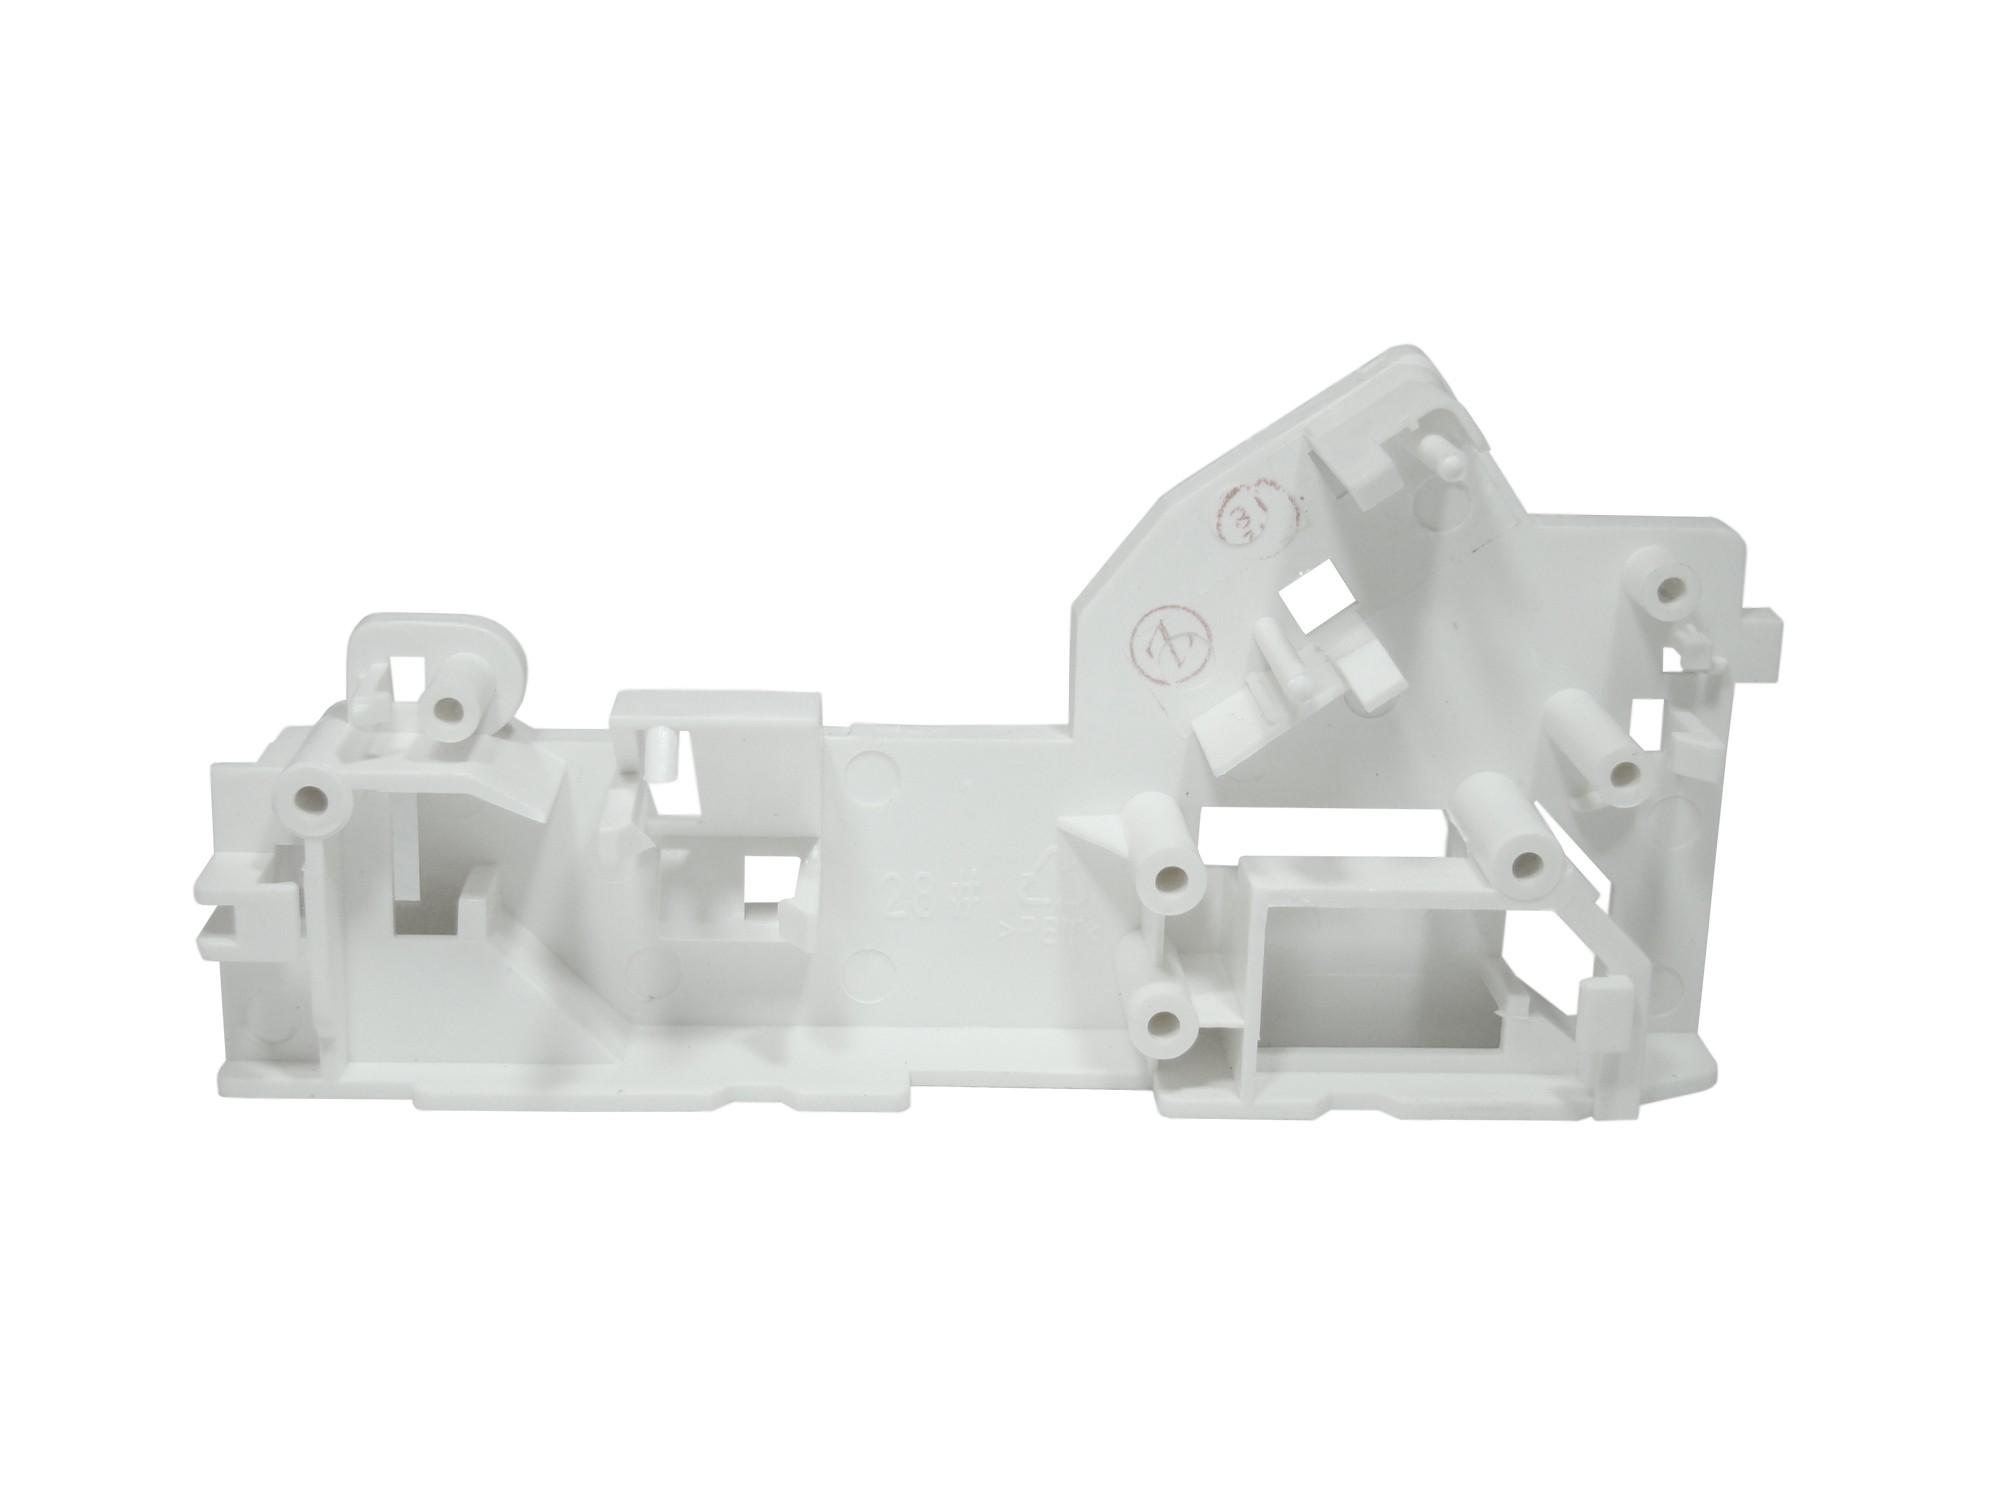 Suporte Microchaves WP70 Micro-ondas Brastemp e Consul